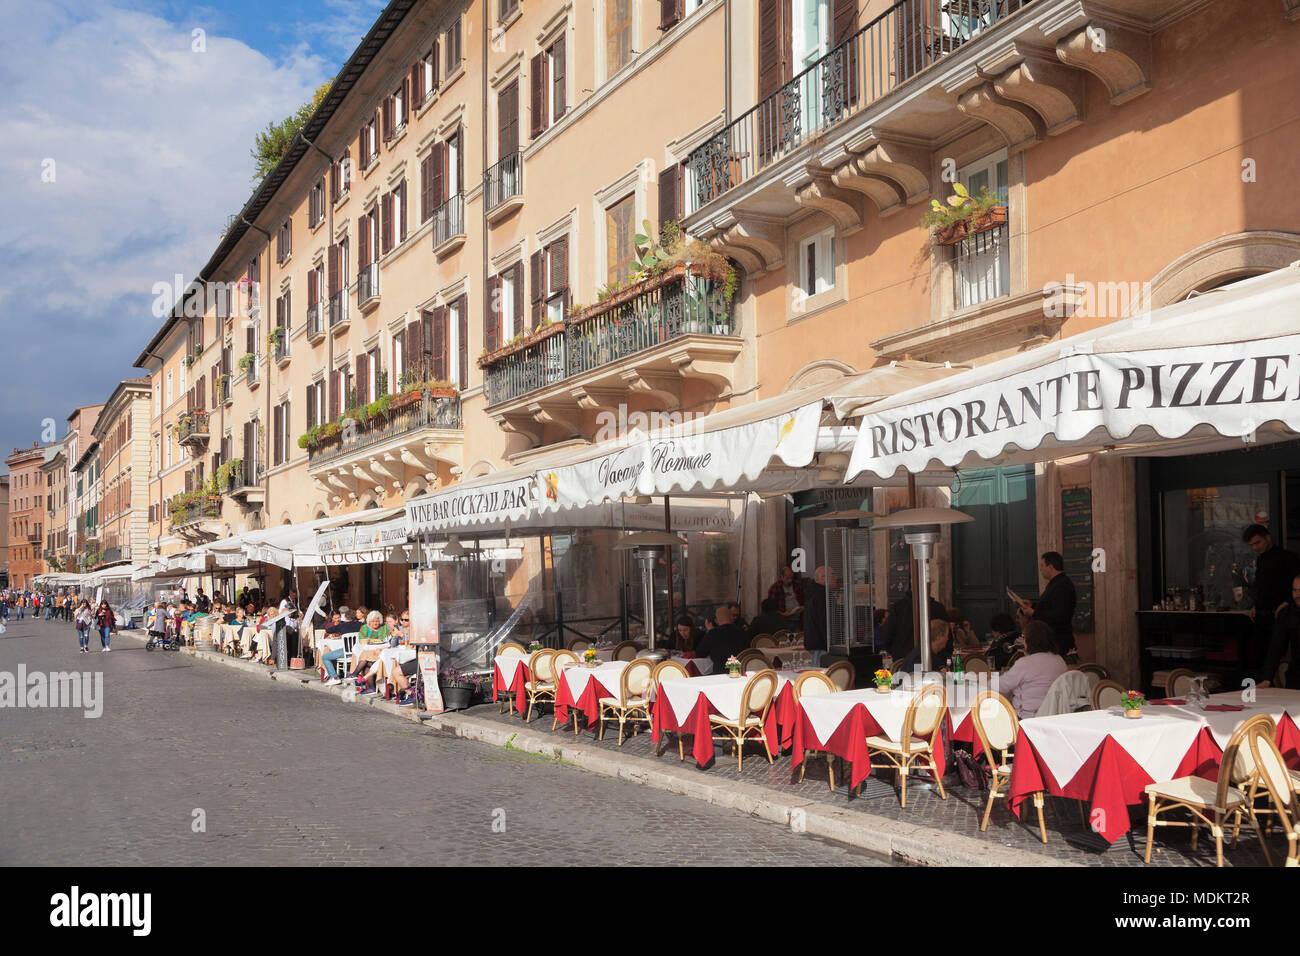 Restaurantes y cafés en la plaza, Piazza Navona, Roma, Lazio, Italia Imagen De Stock